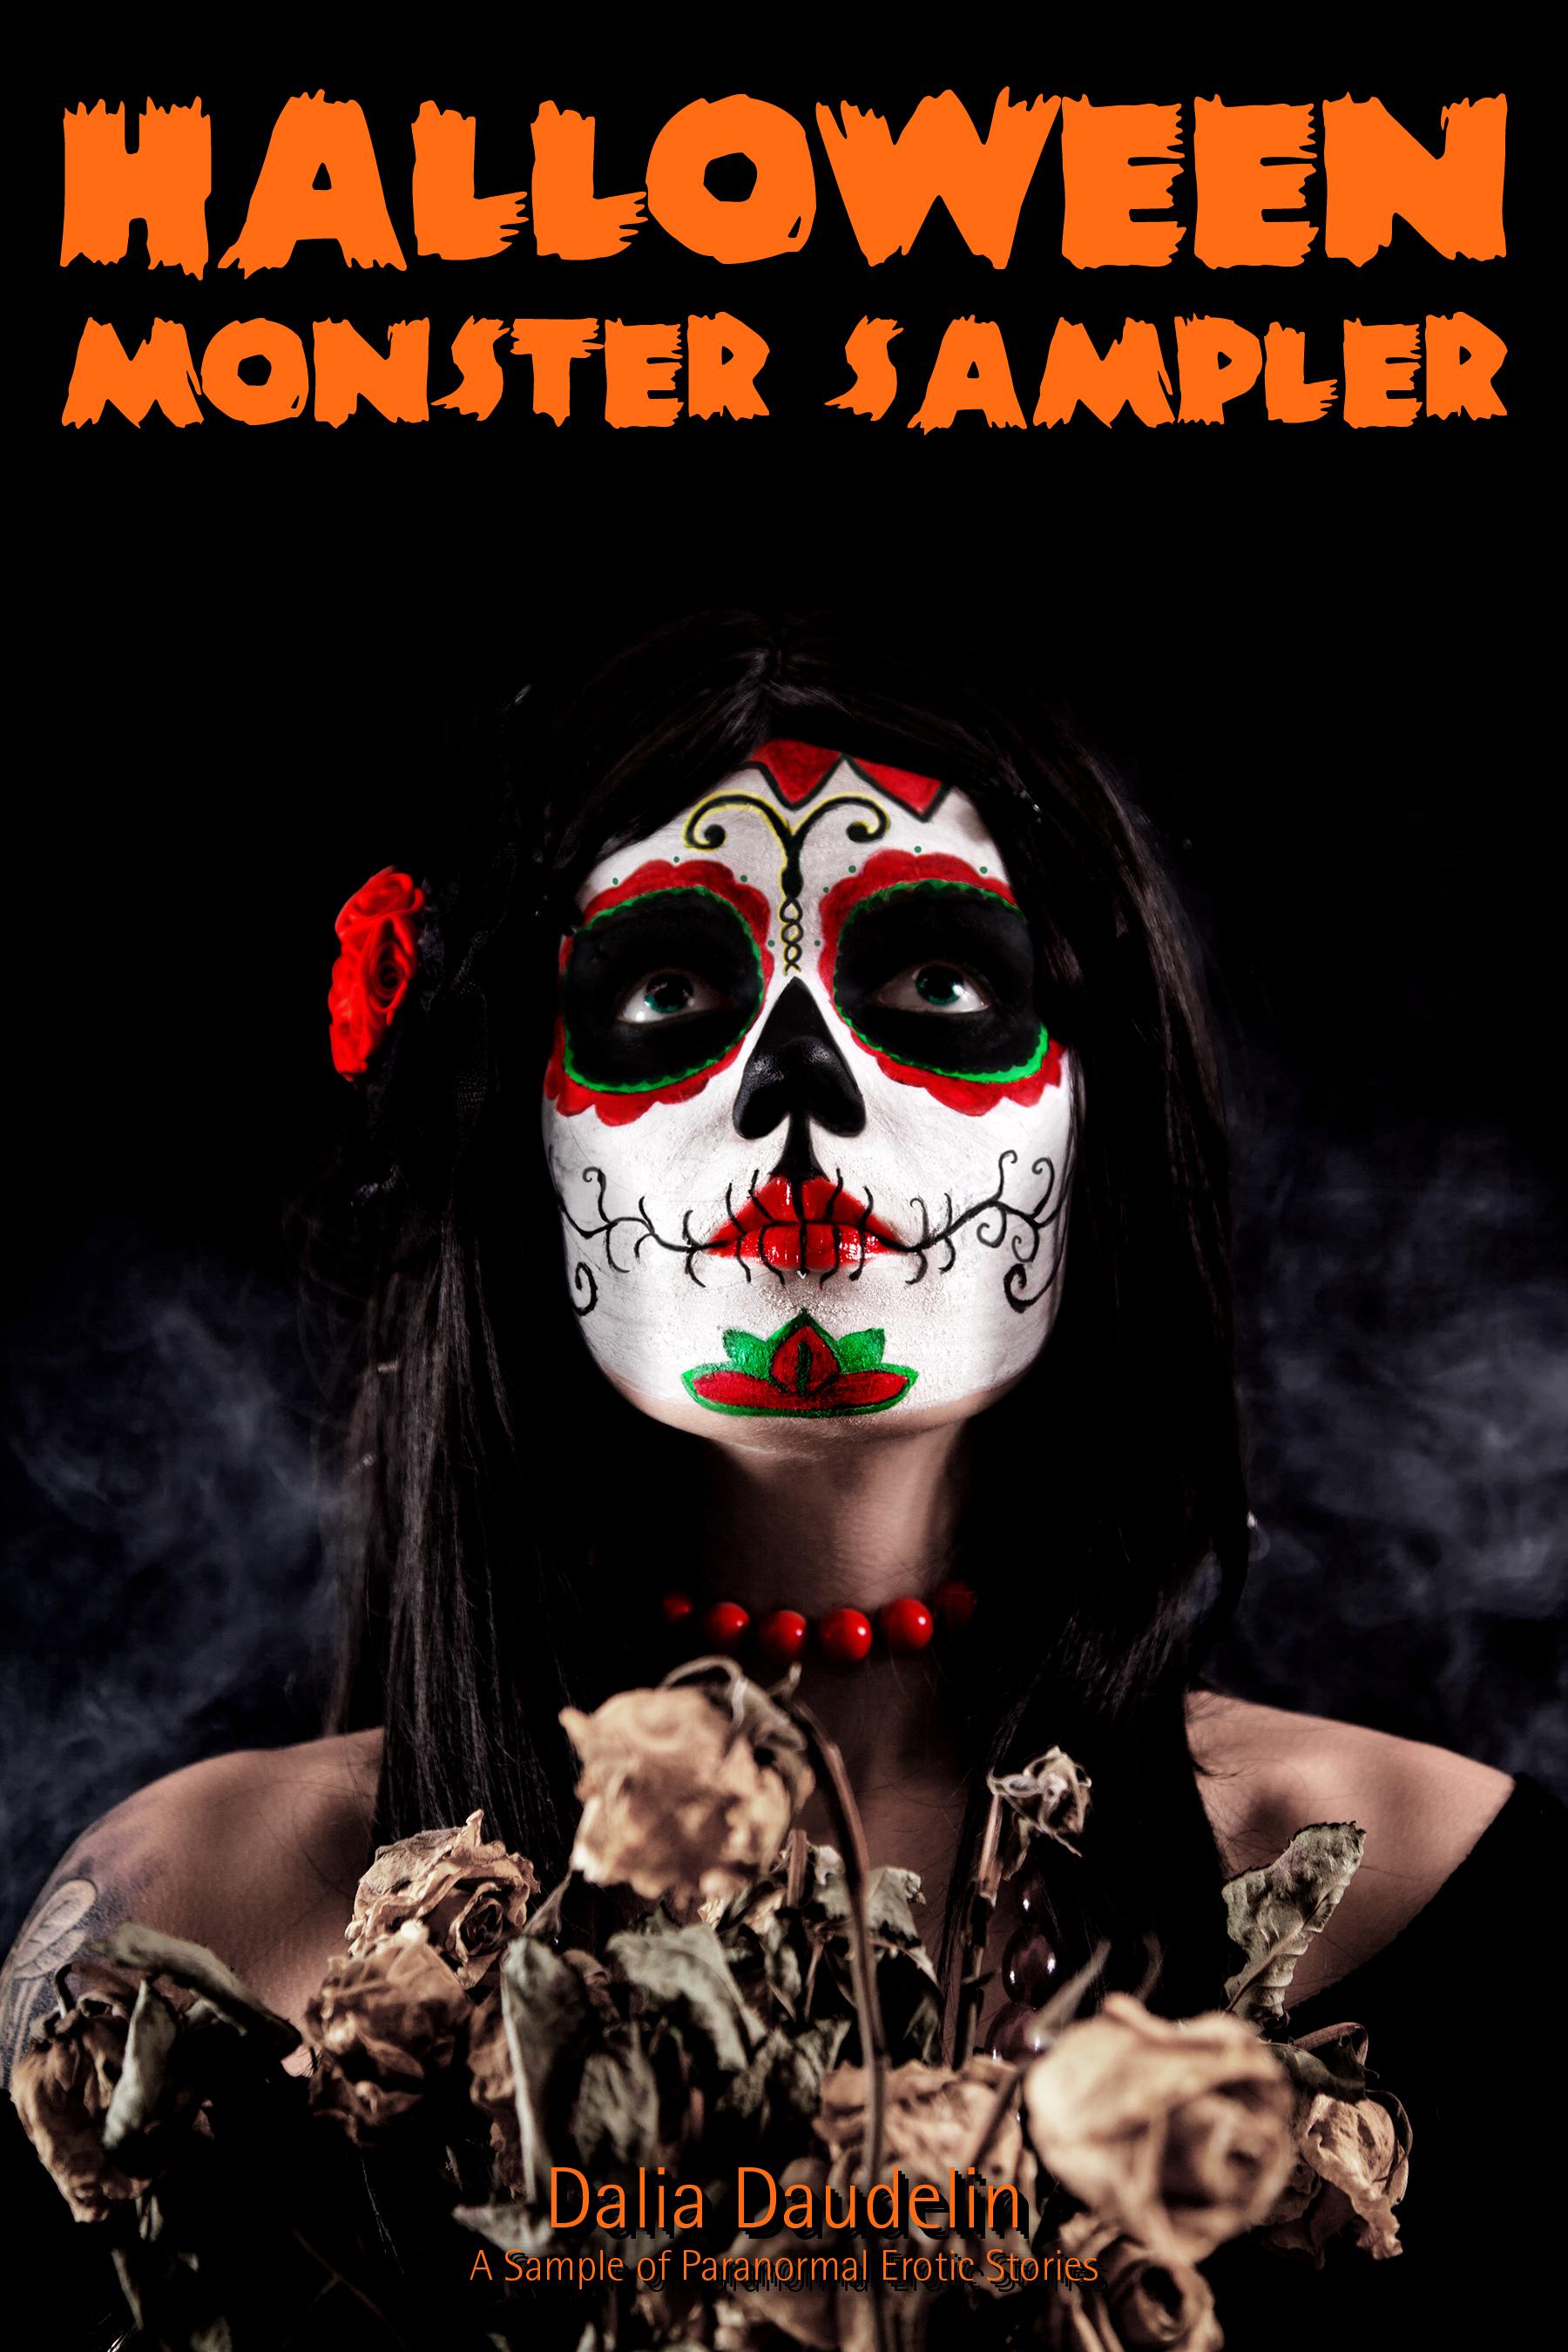 Dalia Daudelin - Halloween Monster Sampler (A Sample of Paranormal Erotic Stories)